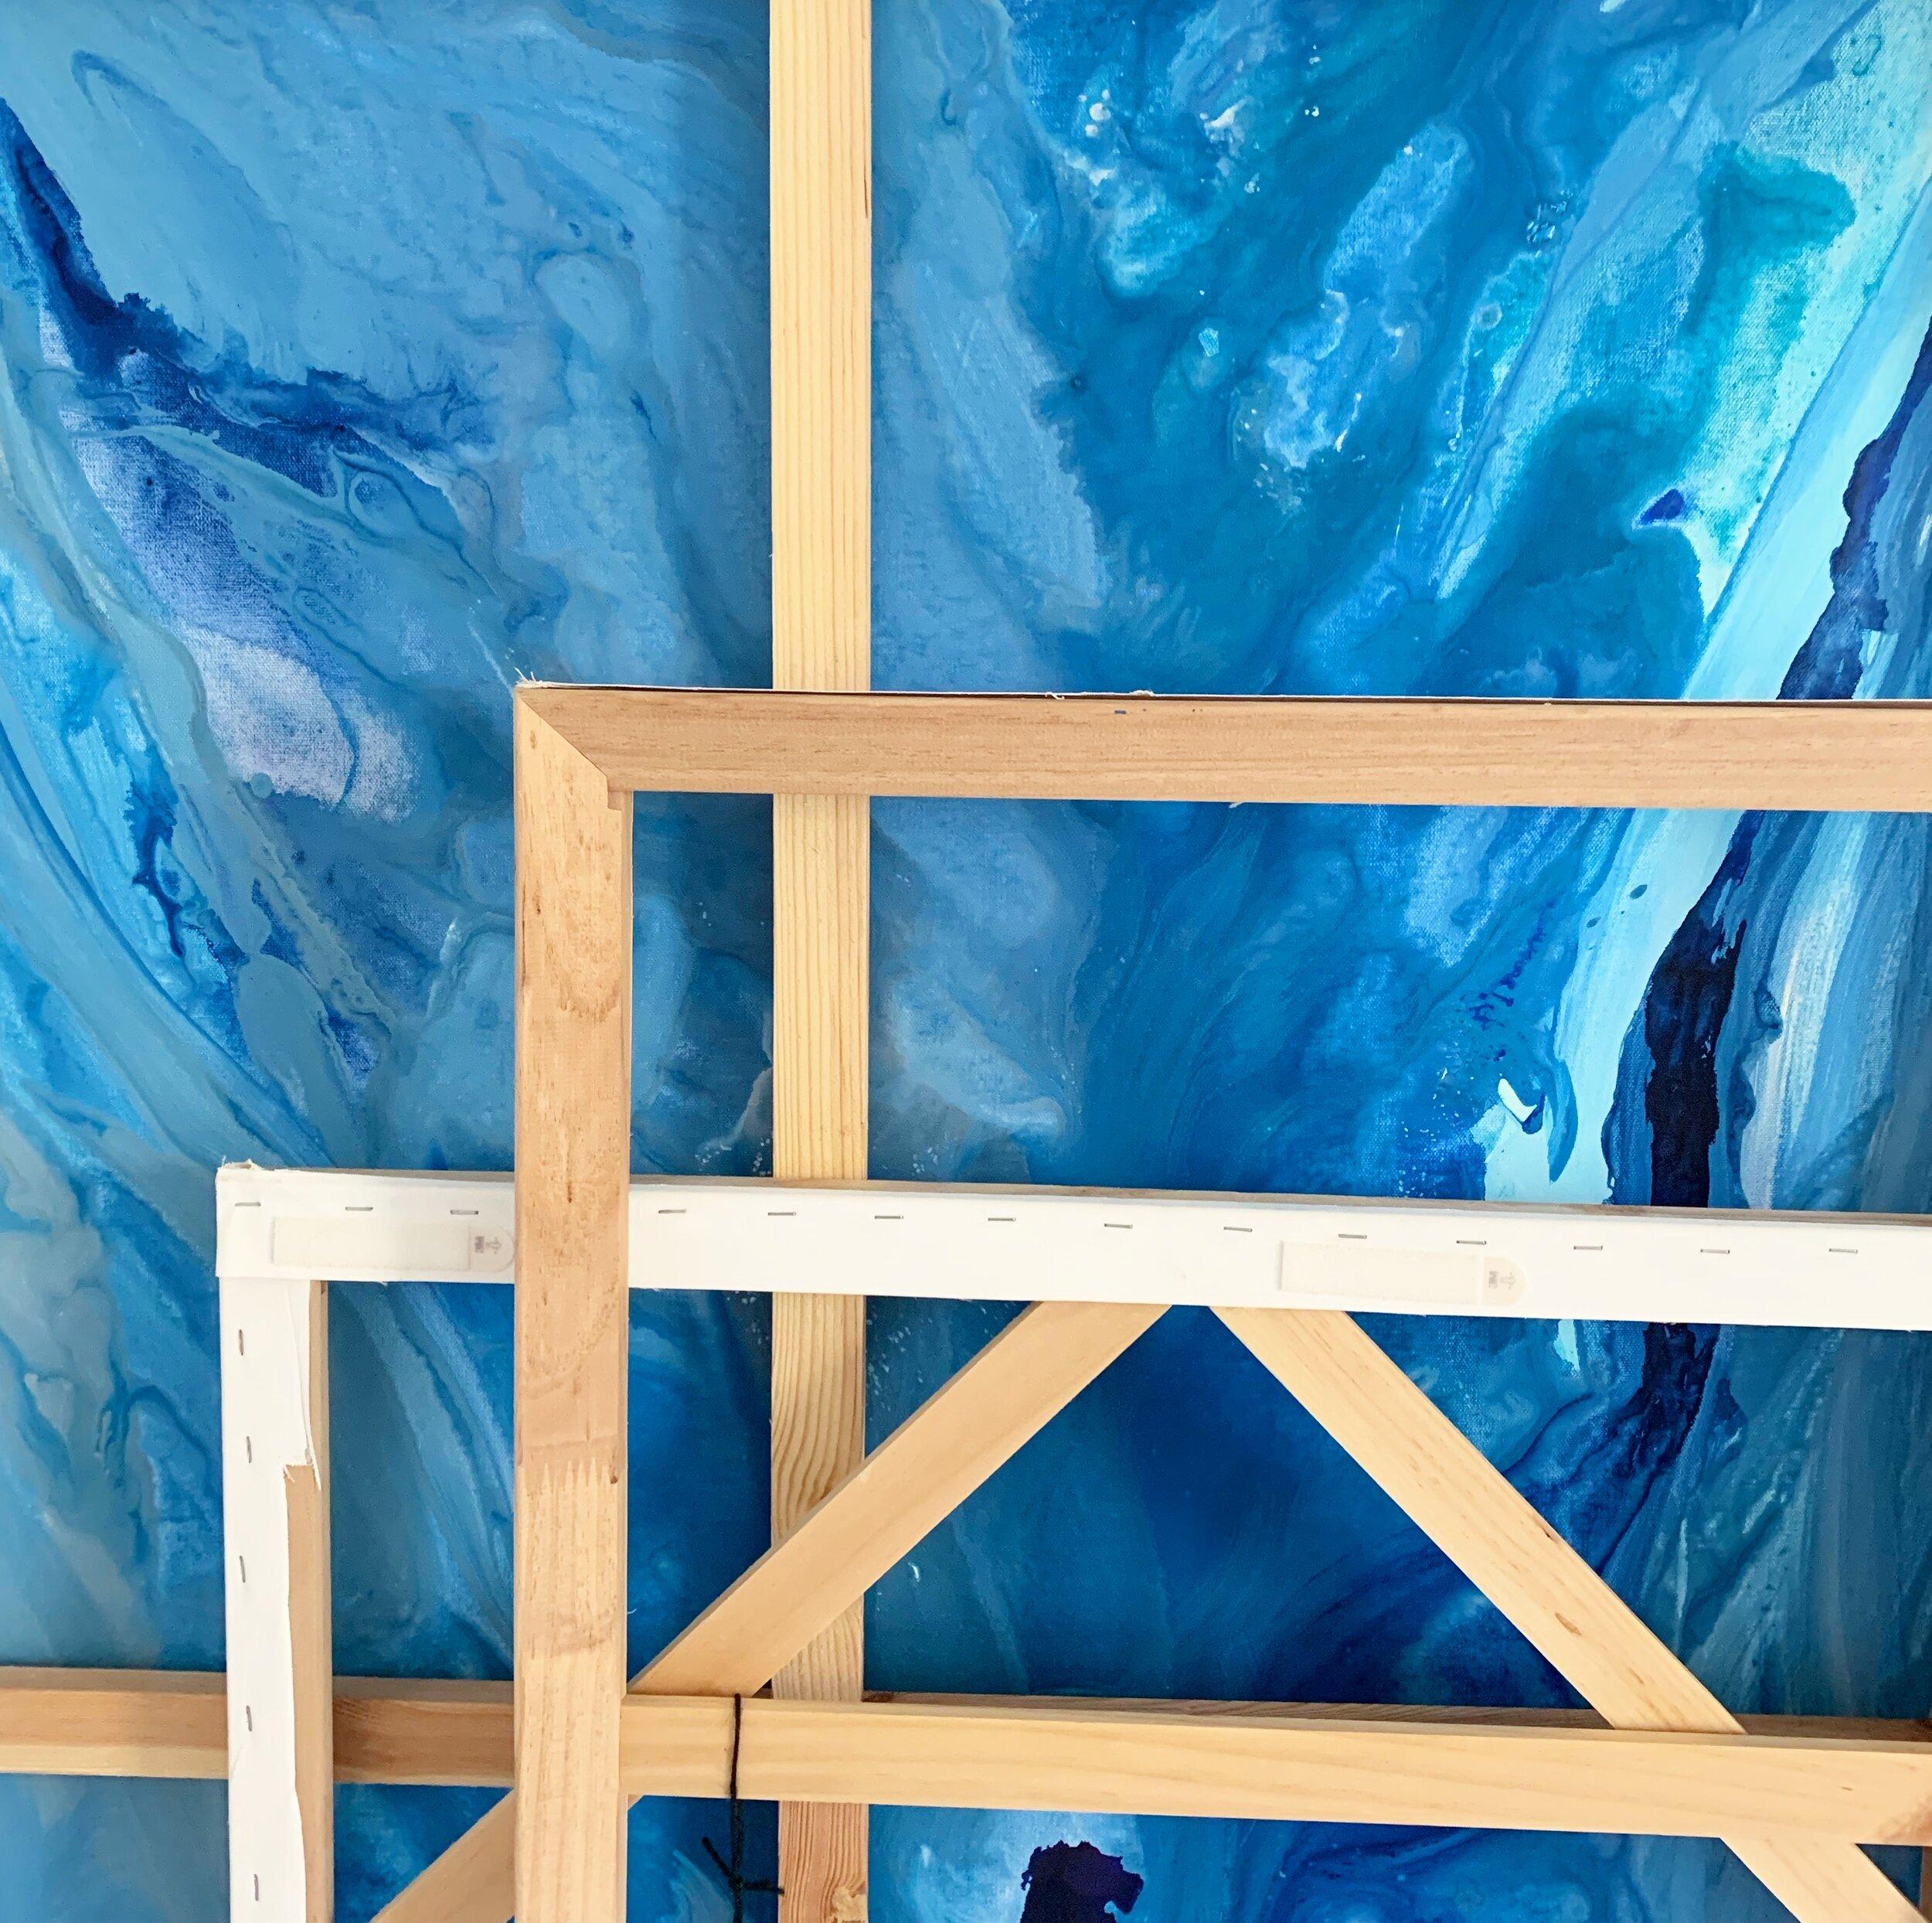 Art by Megan studio scenes